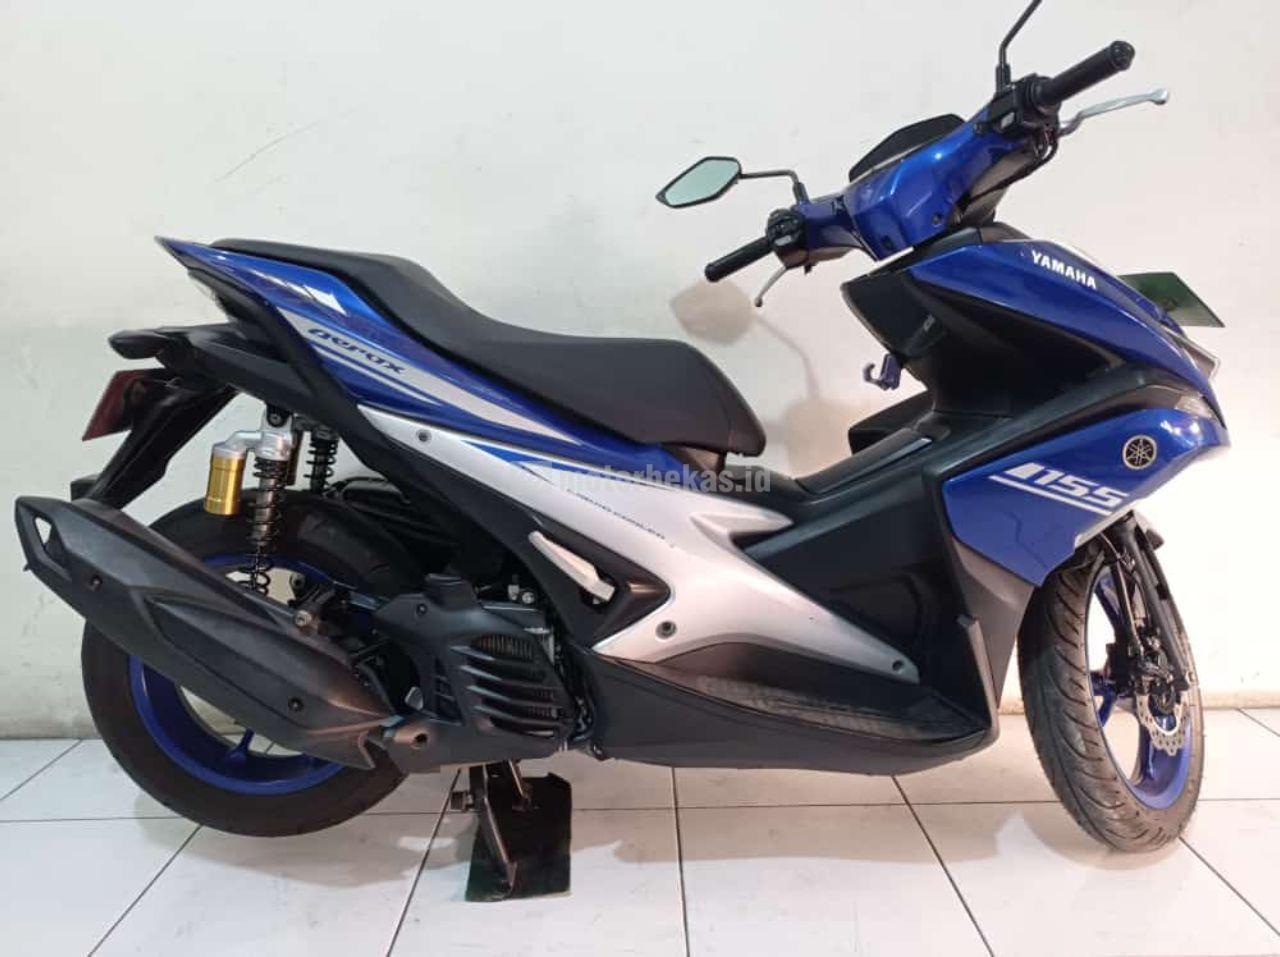 YAMAHA AEROX 155R FI 1042 motorbekas.id